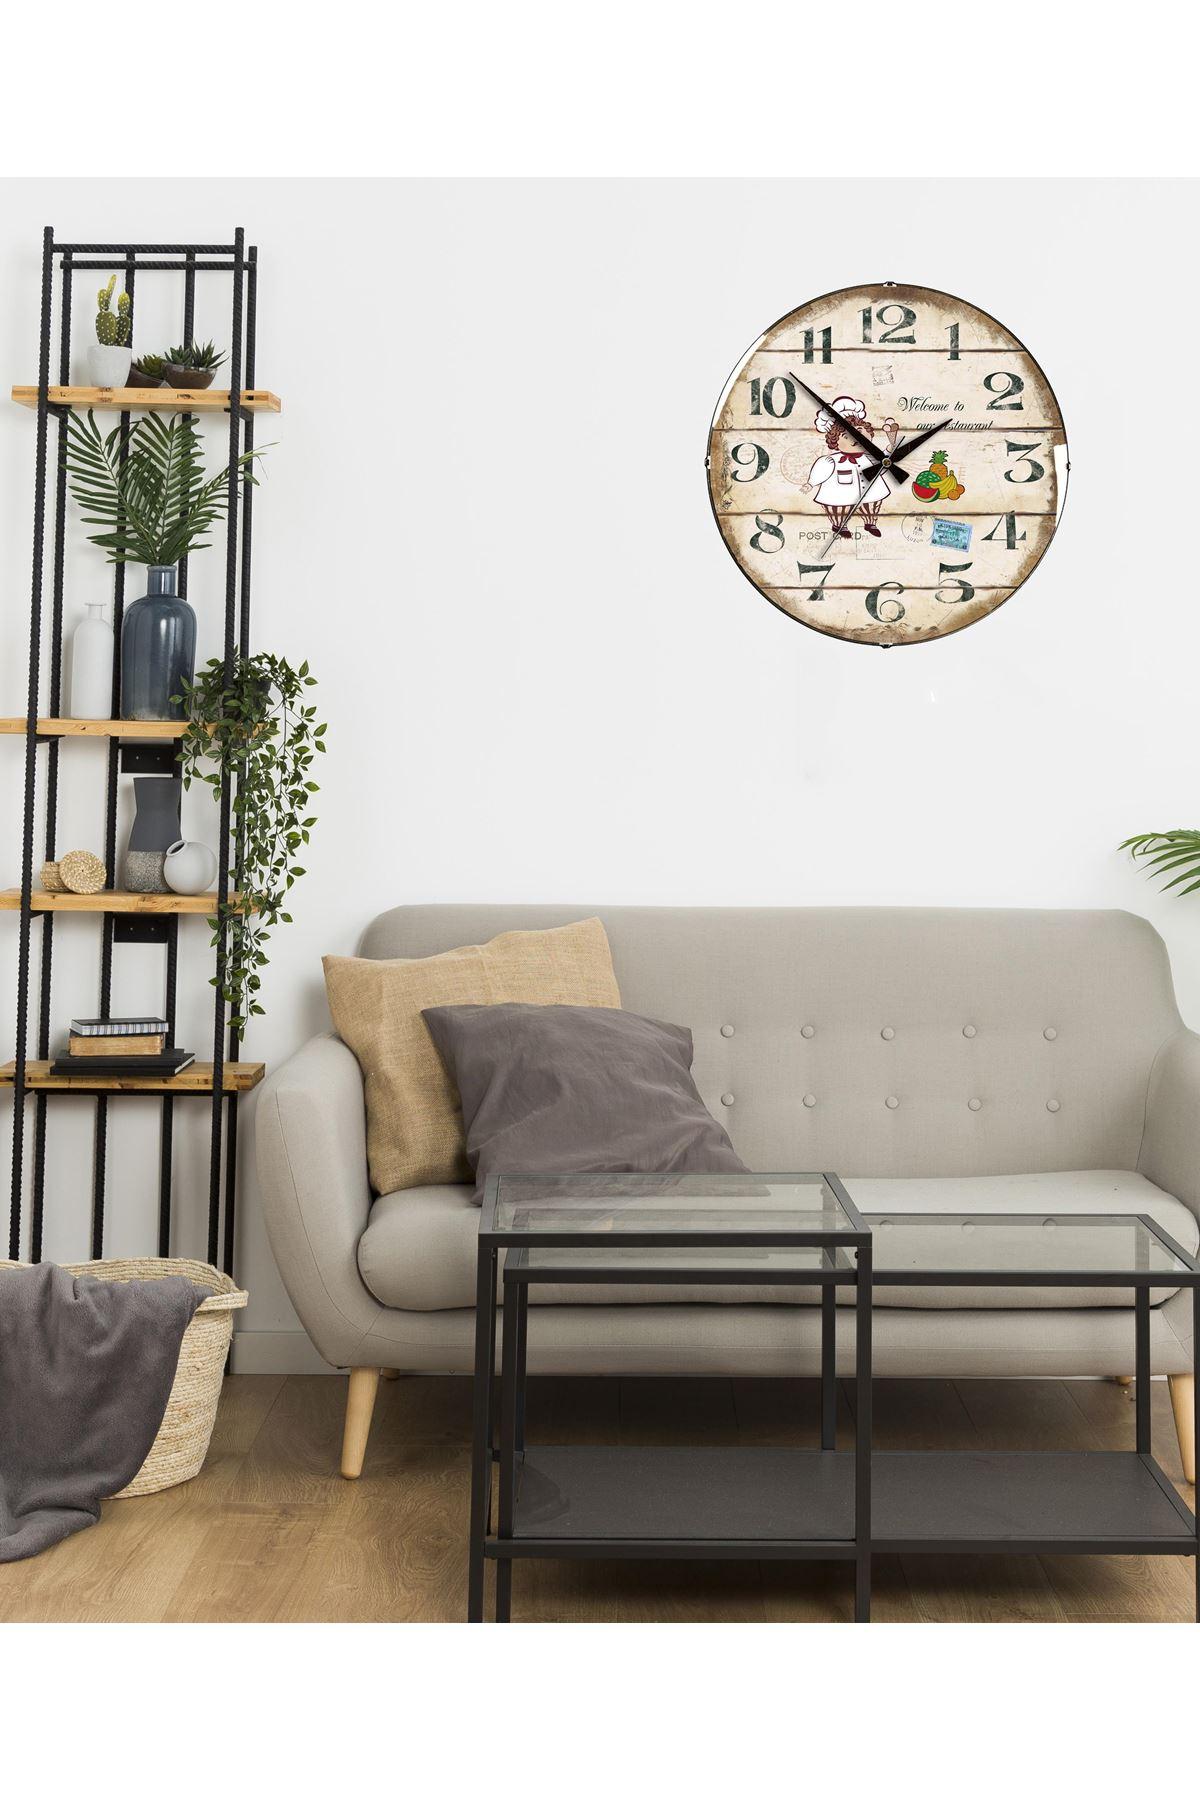 Rikon Mutfak Aşcı Dekoratif Bombe Camlı Duvar Saati 35X35 Cm